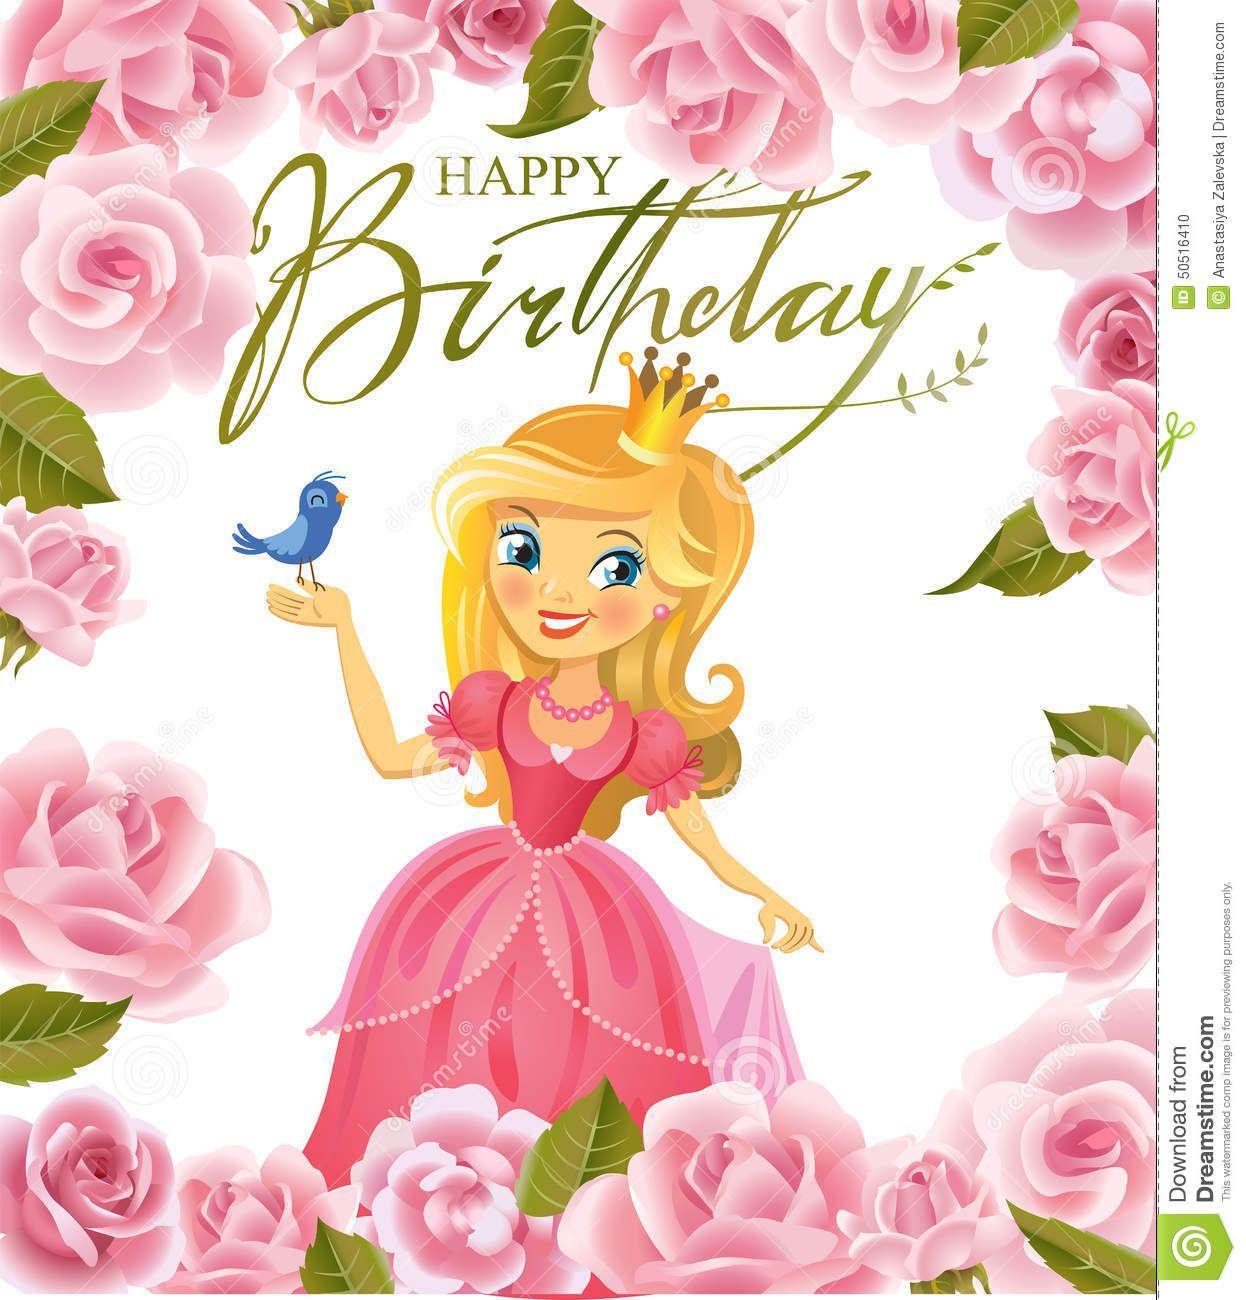 6 jaar kind Verjaardag Kind 6 Jaar | Happy birthday | Pinterest | Happy birthday 6 jaar kind